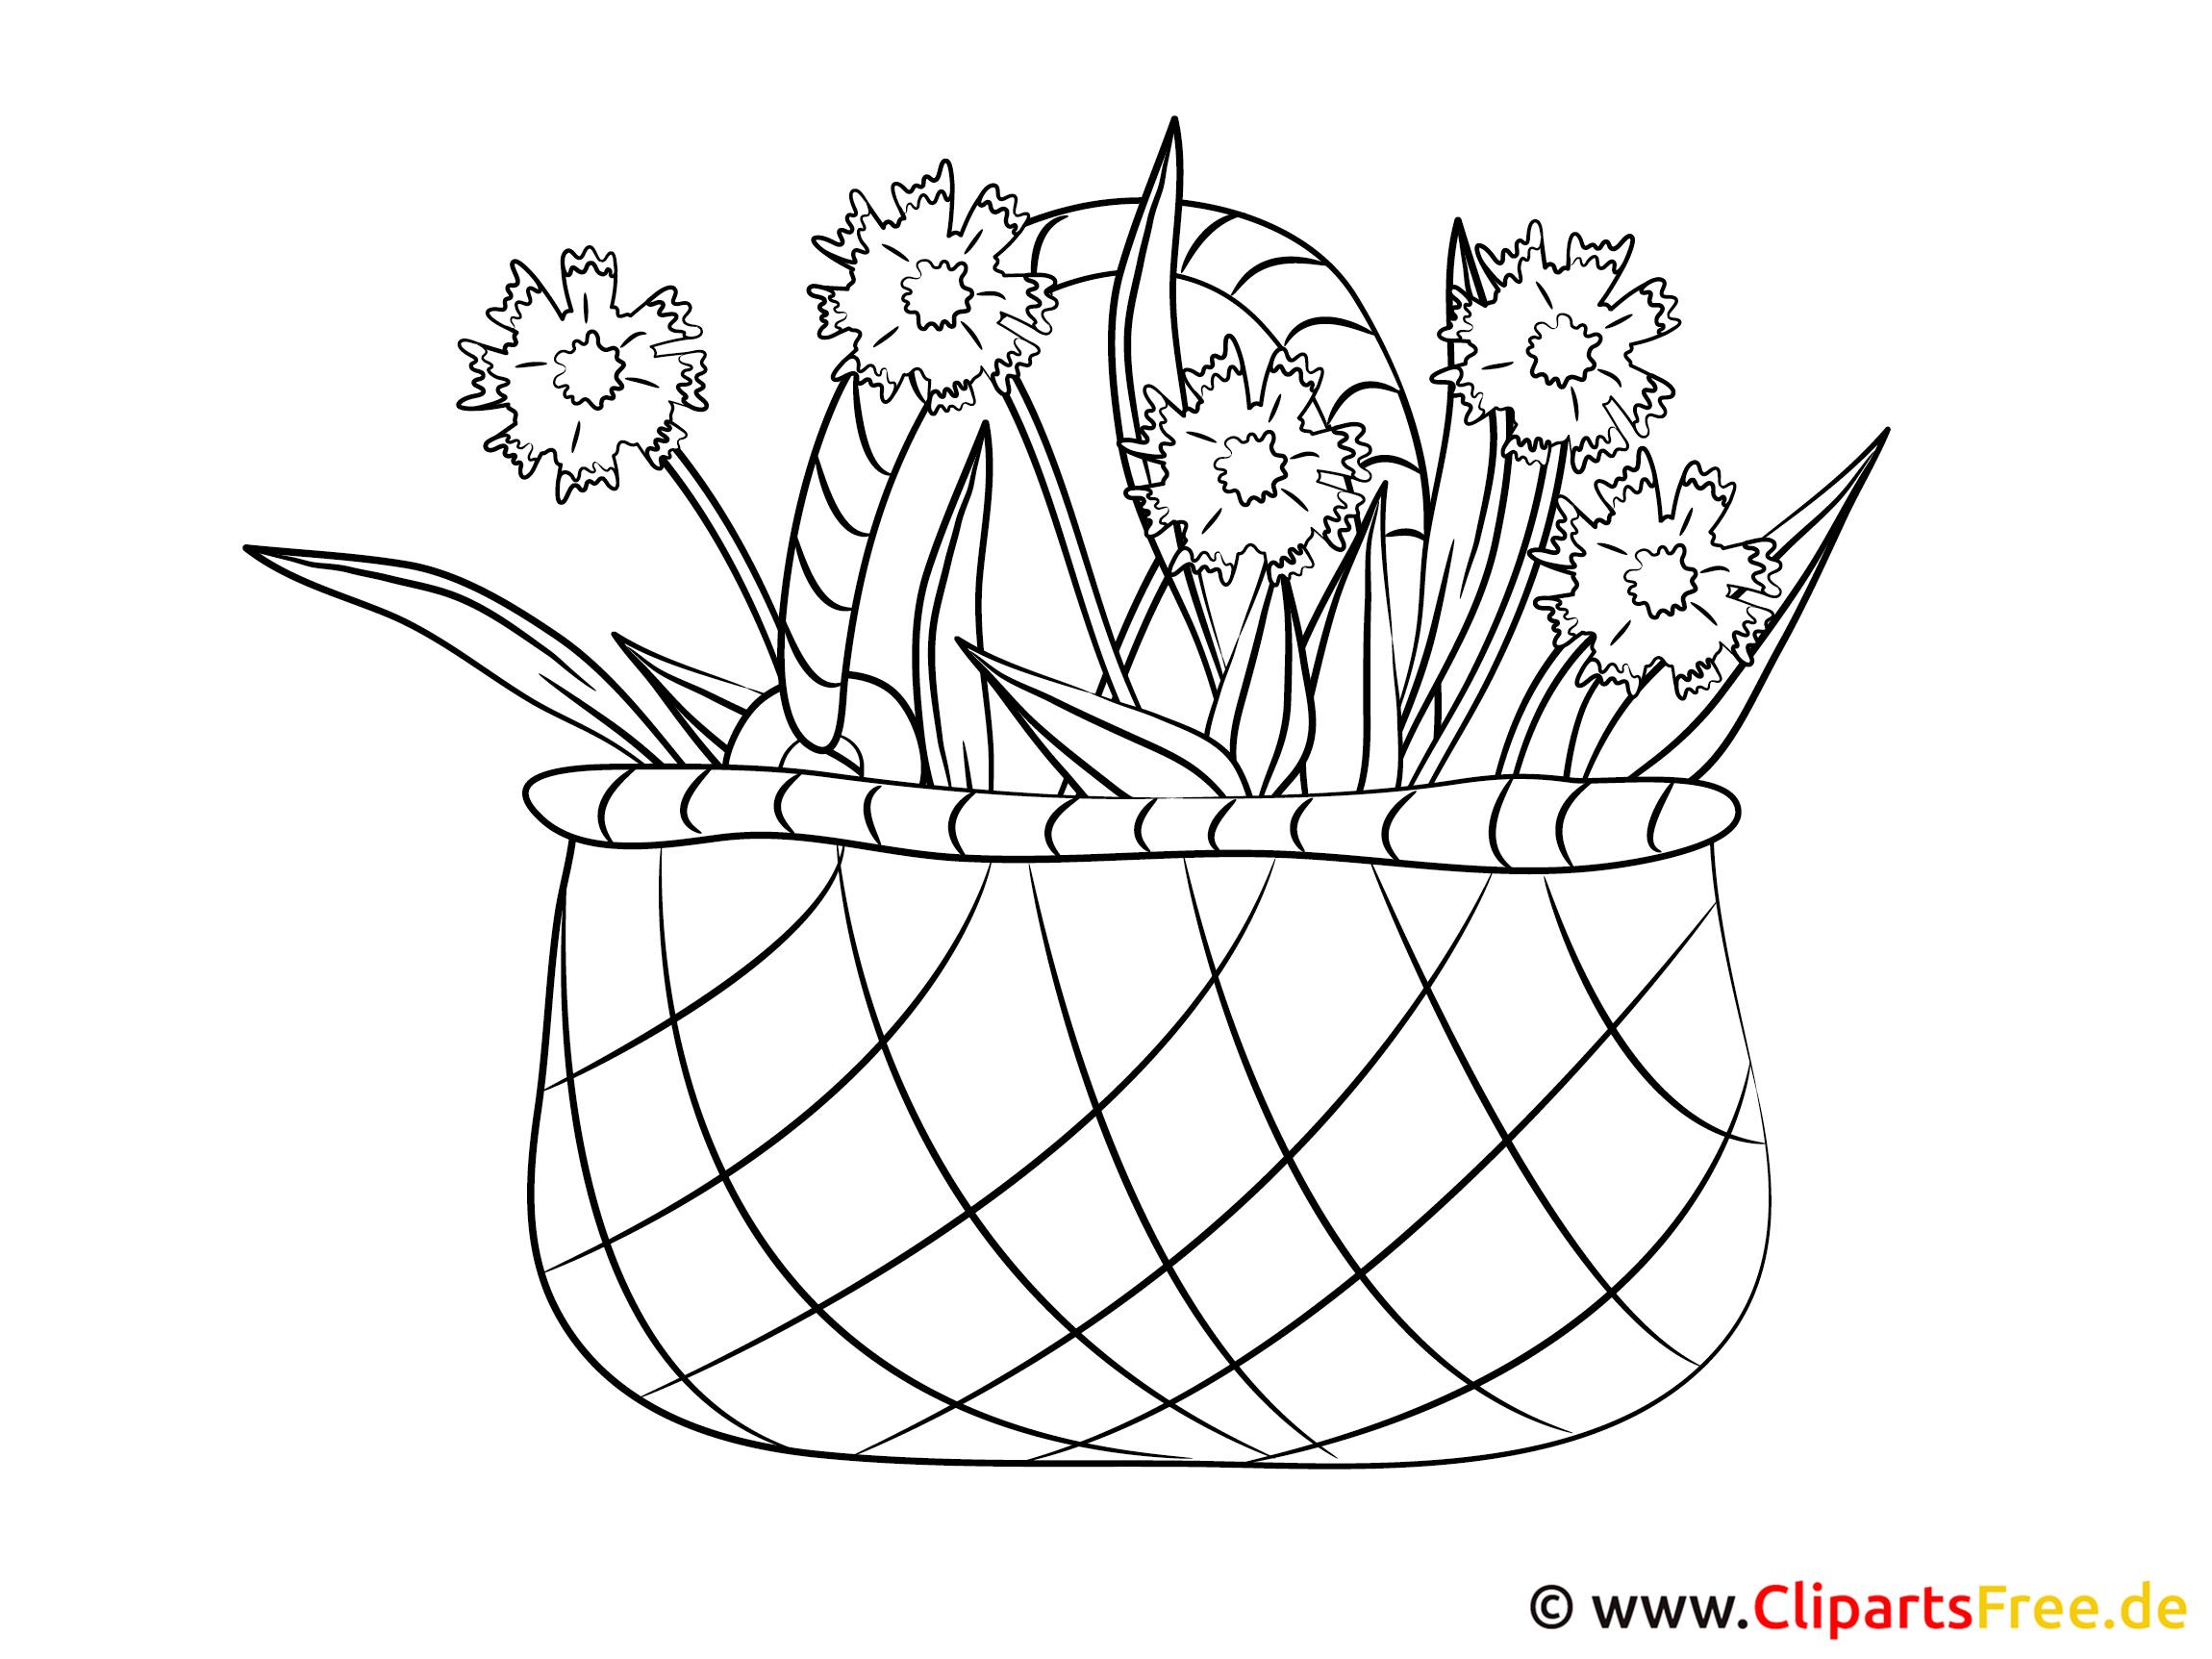 Ausmalbilder Gratis Zum Ausdrucken Mit Blumen für Blumen Ausmalbilder Gratis